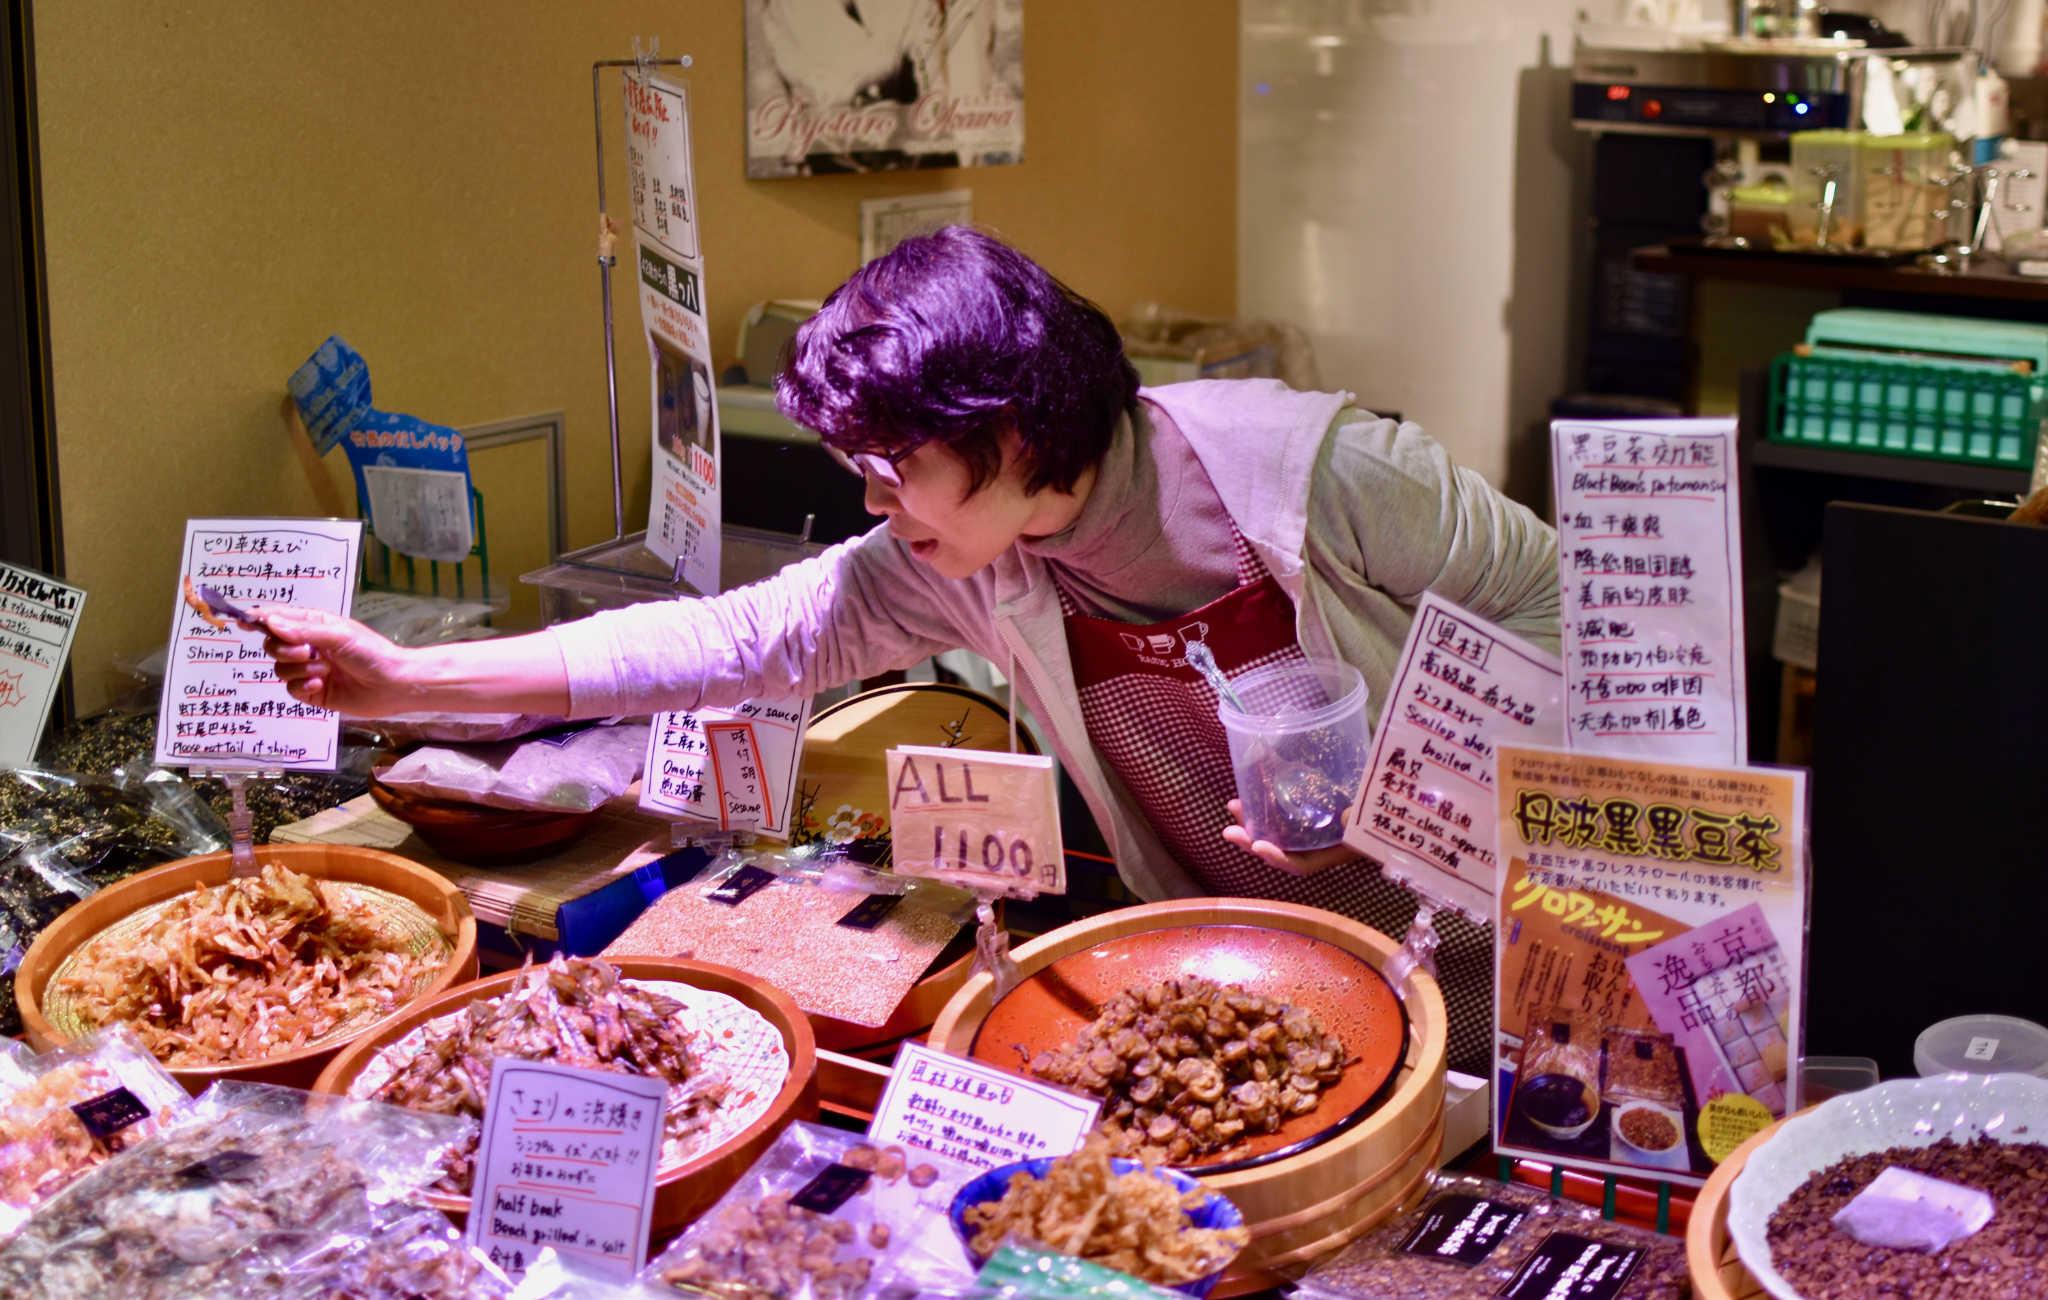 N'hésitez pas à goûter aux spécialités locales cuisinées sur place